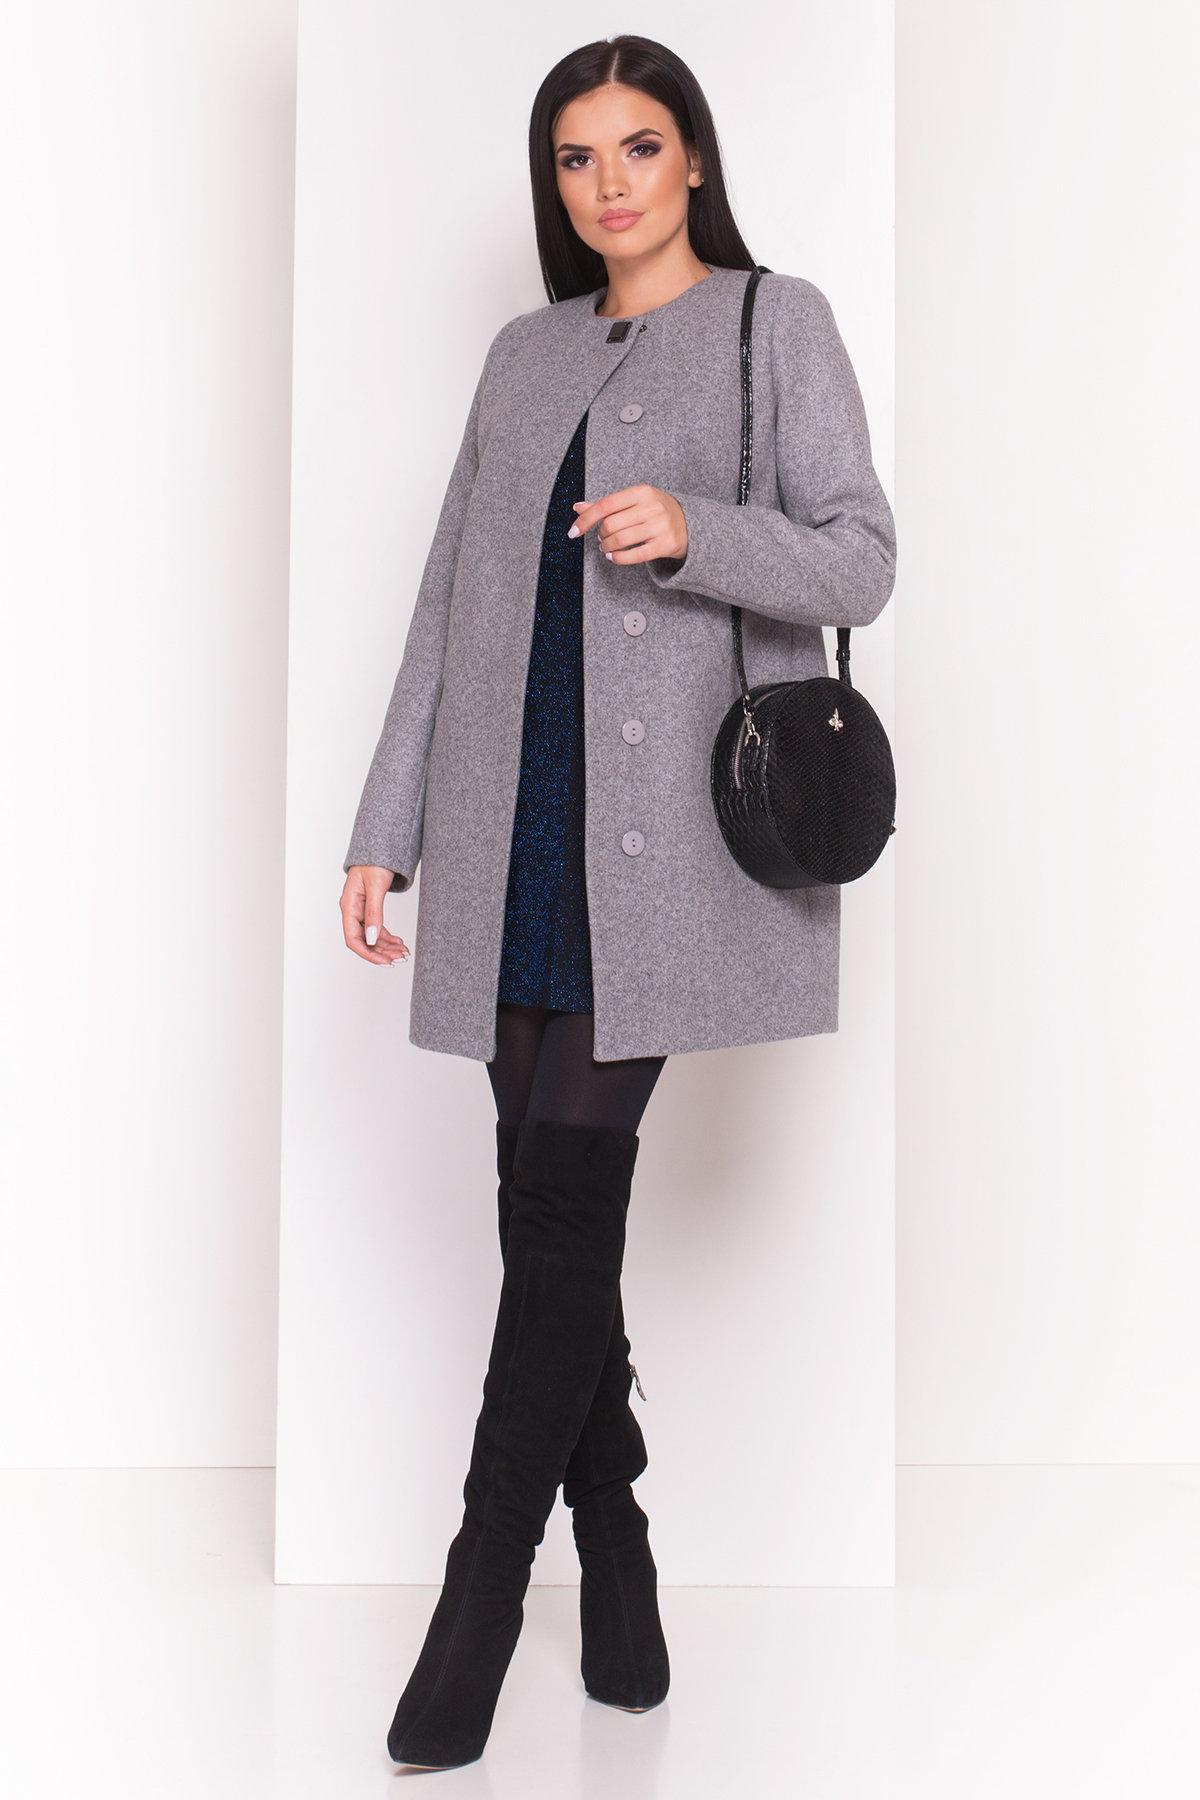 Пальто Шаника 5387 Цвет: Серый Светлый 77